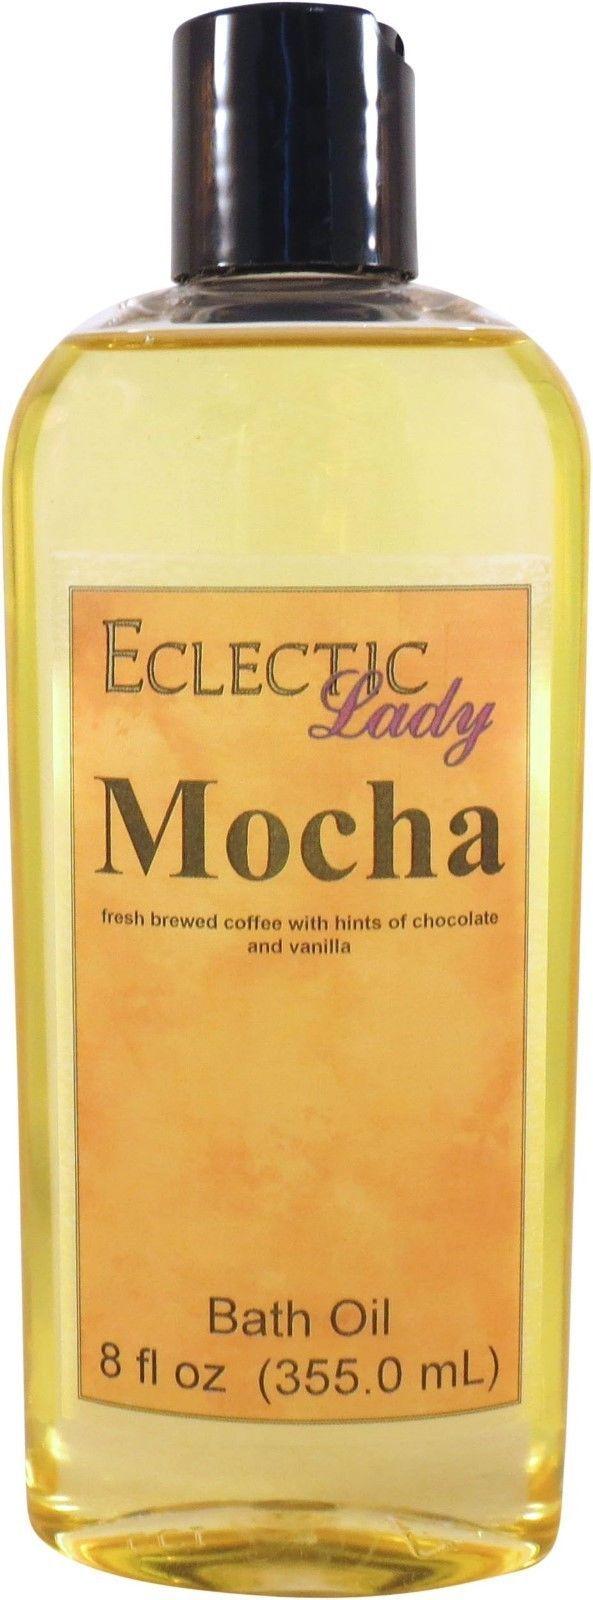 Mocha Bath Oil